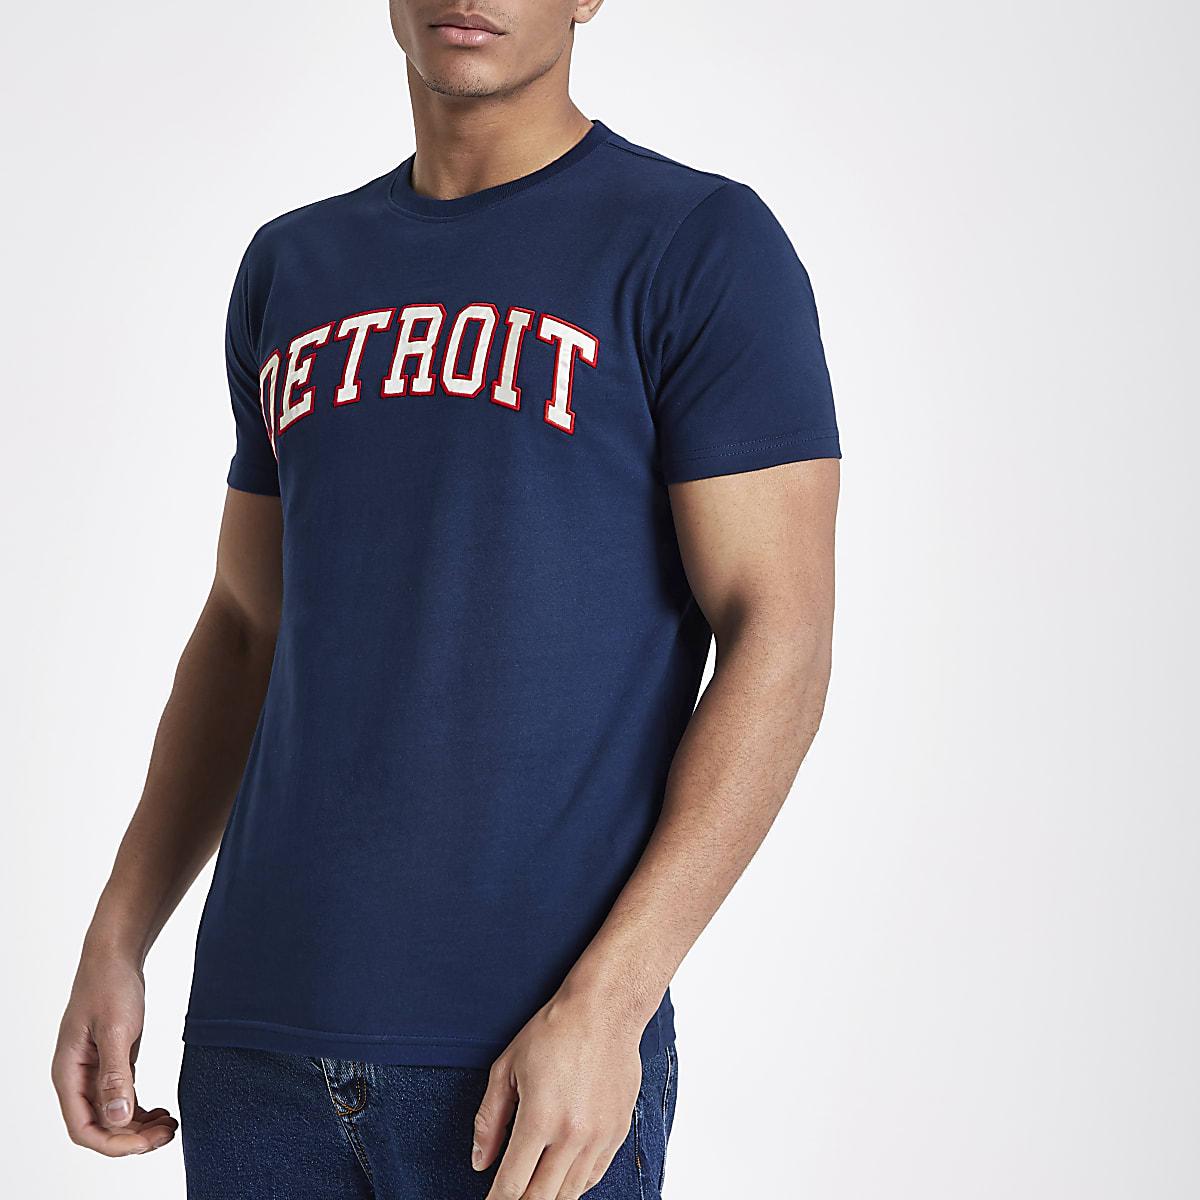 Schott navy 'detroit' print T-shirt